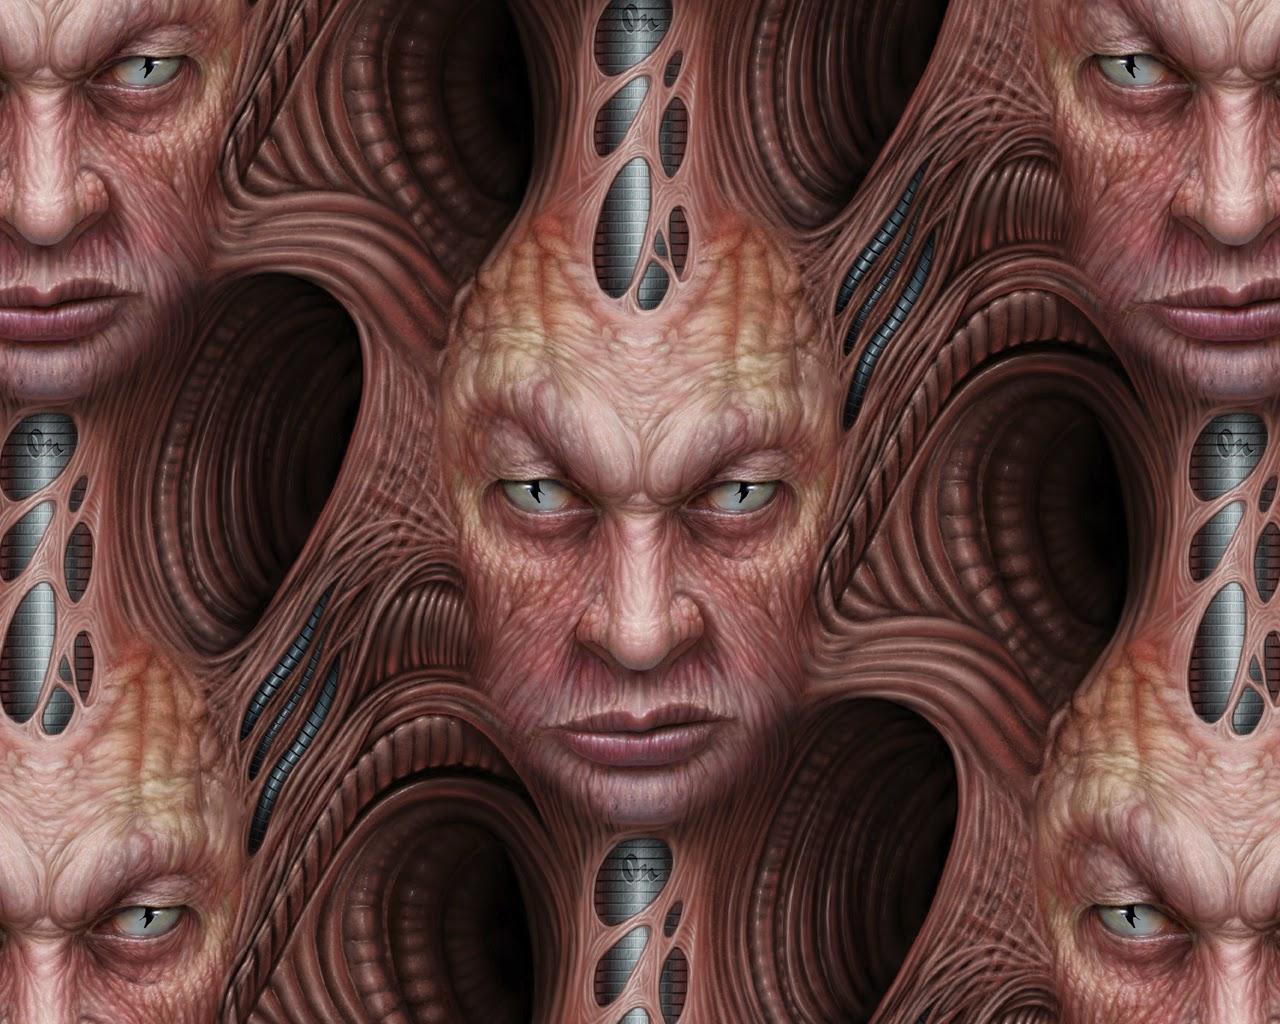 illustration de Martin de Diego Sádaba représentant des visages emmelés de manière organique